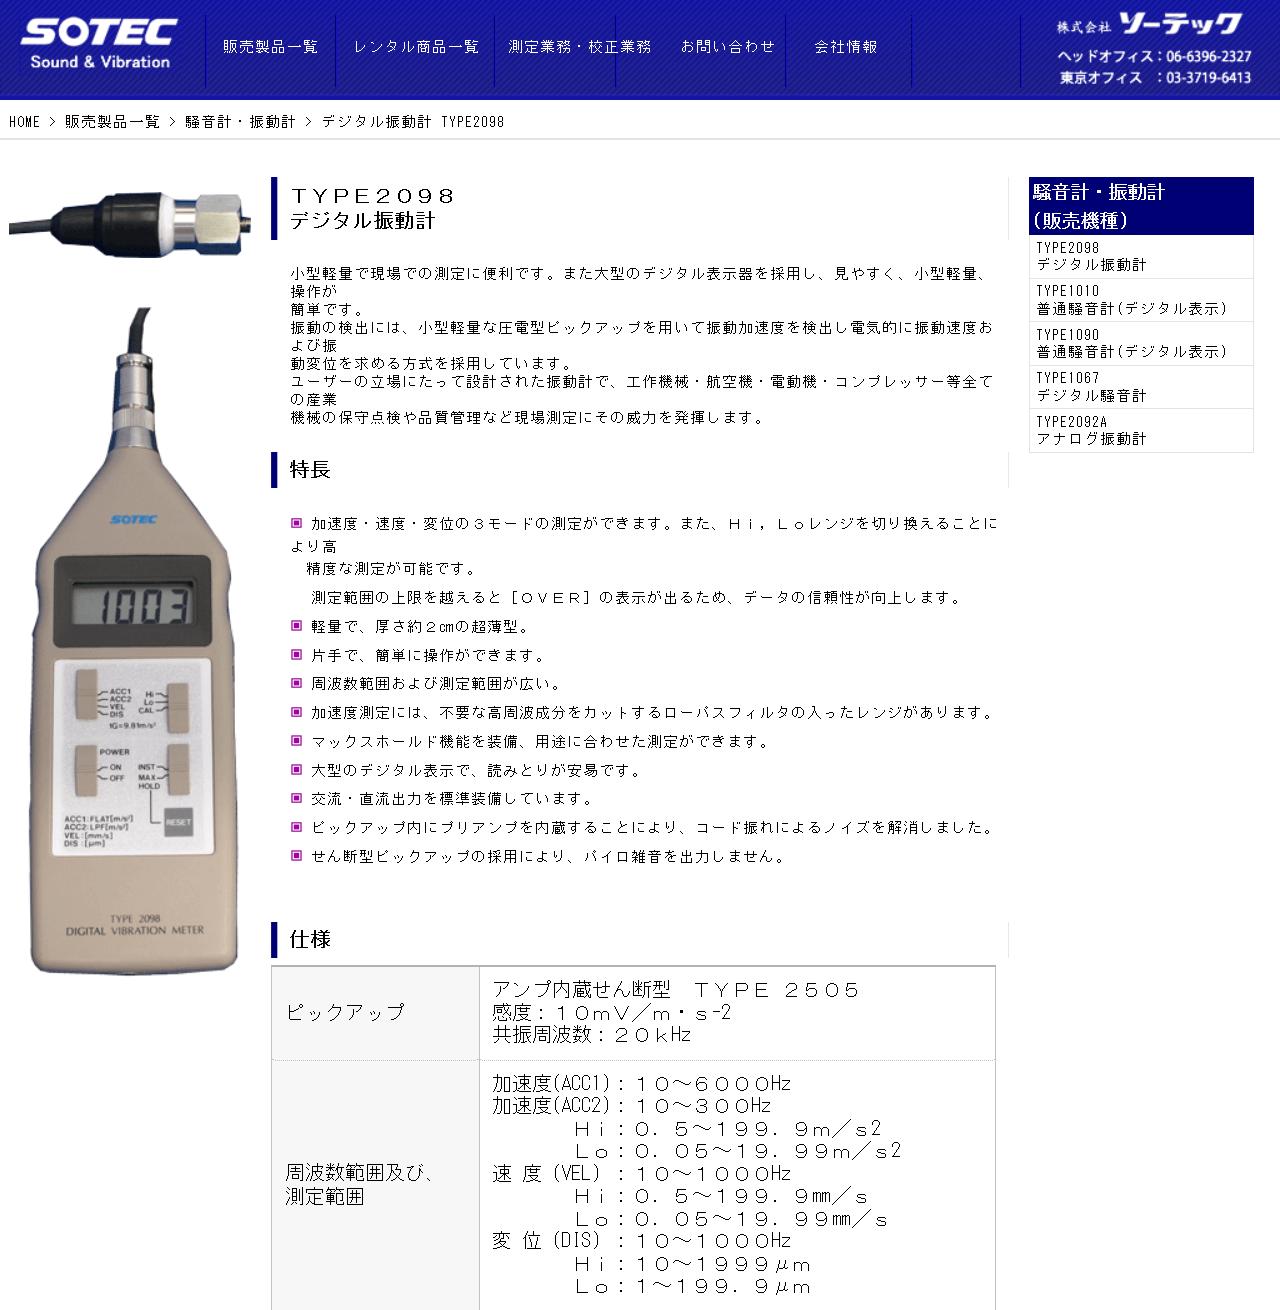 デジタル振動計 TYPE2098